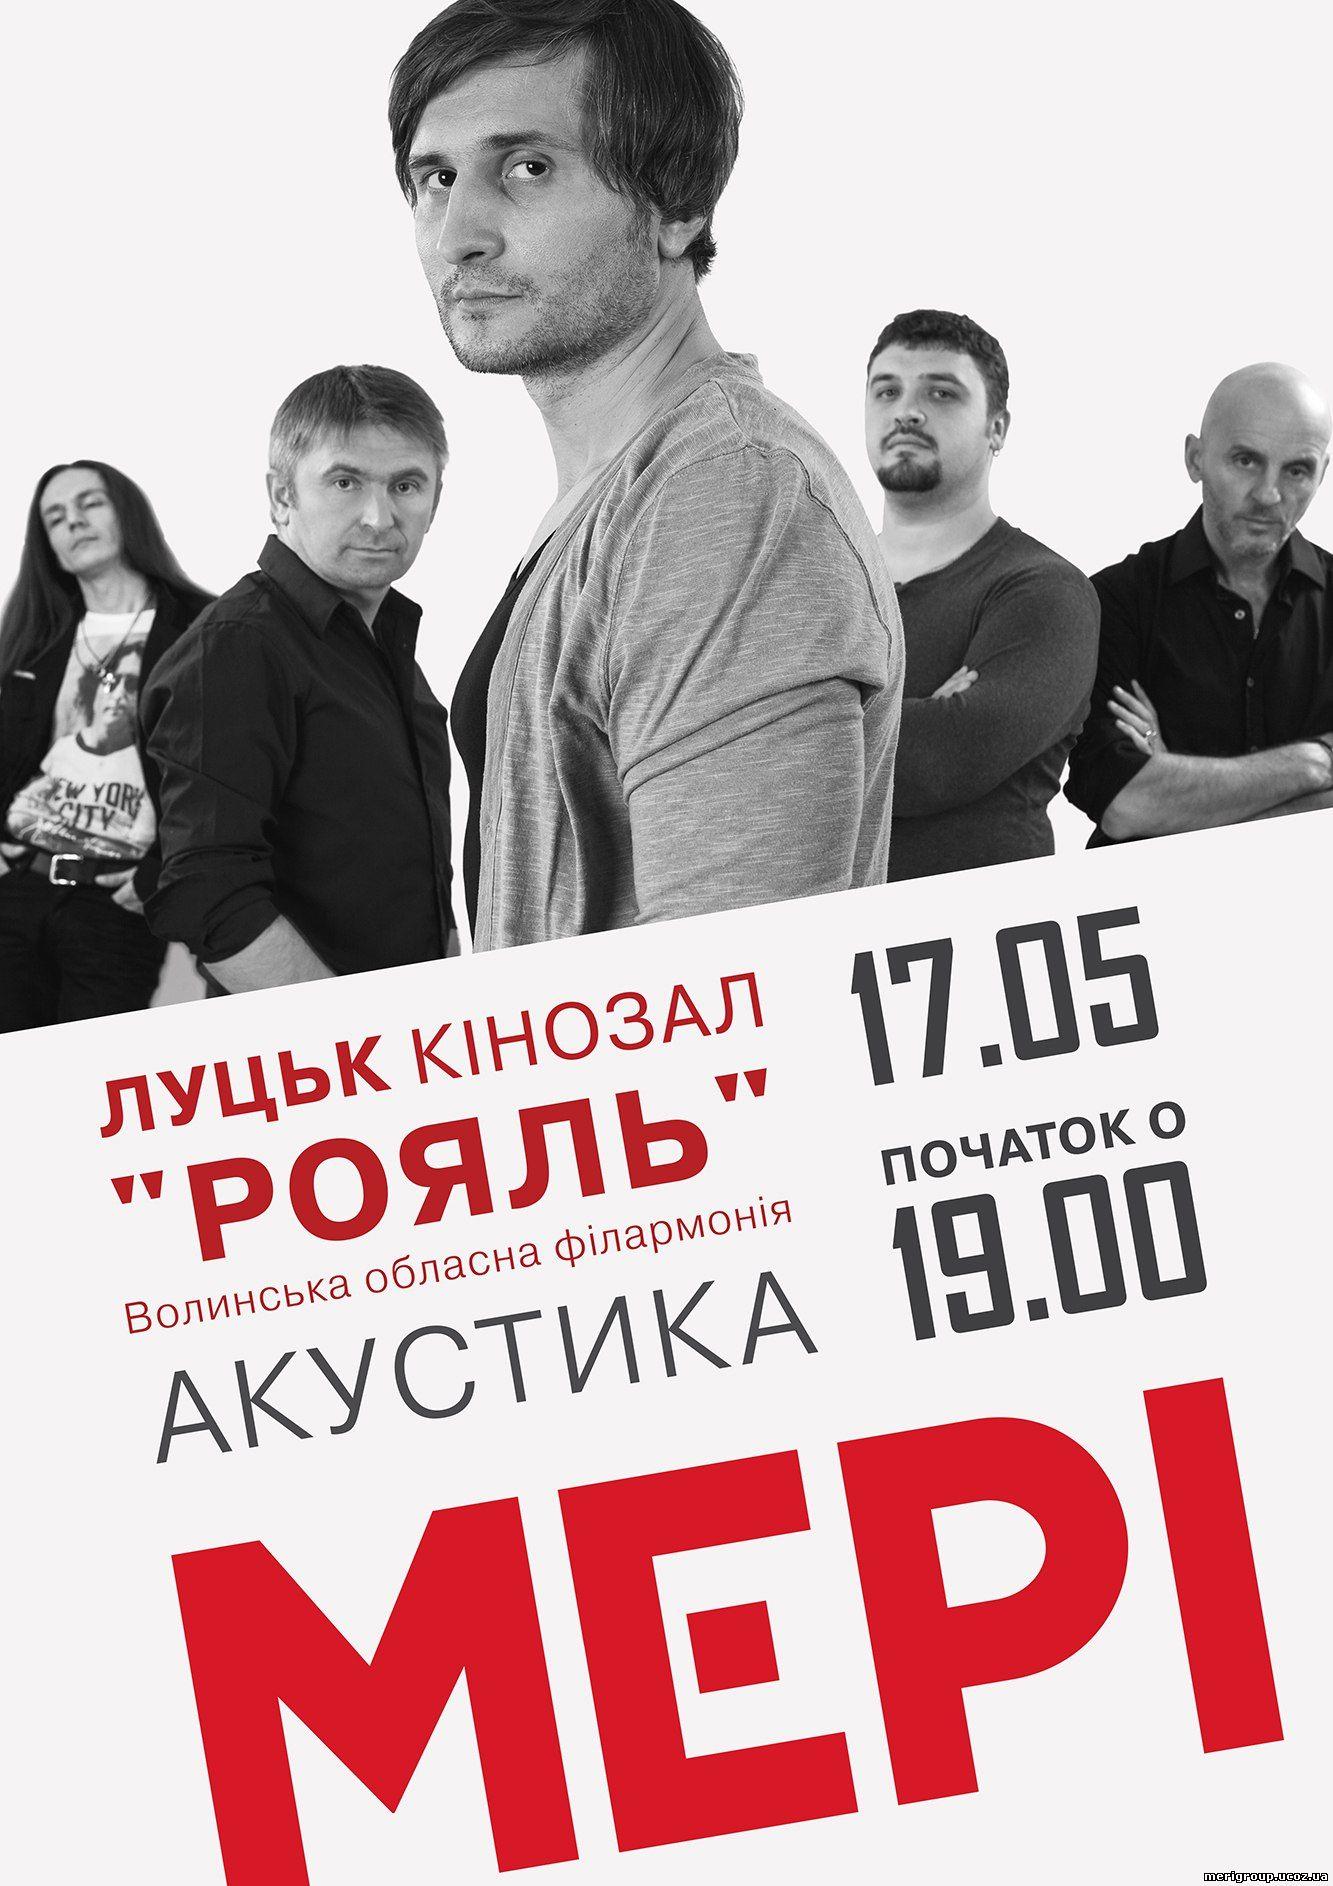 Афіша МЕРІ у Луцьку 17.05.2014